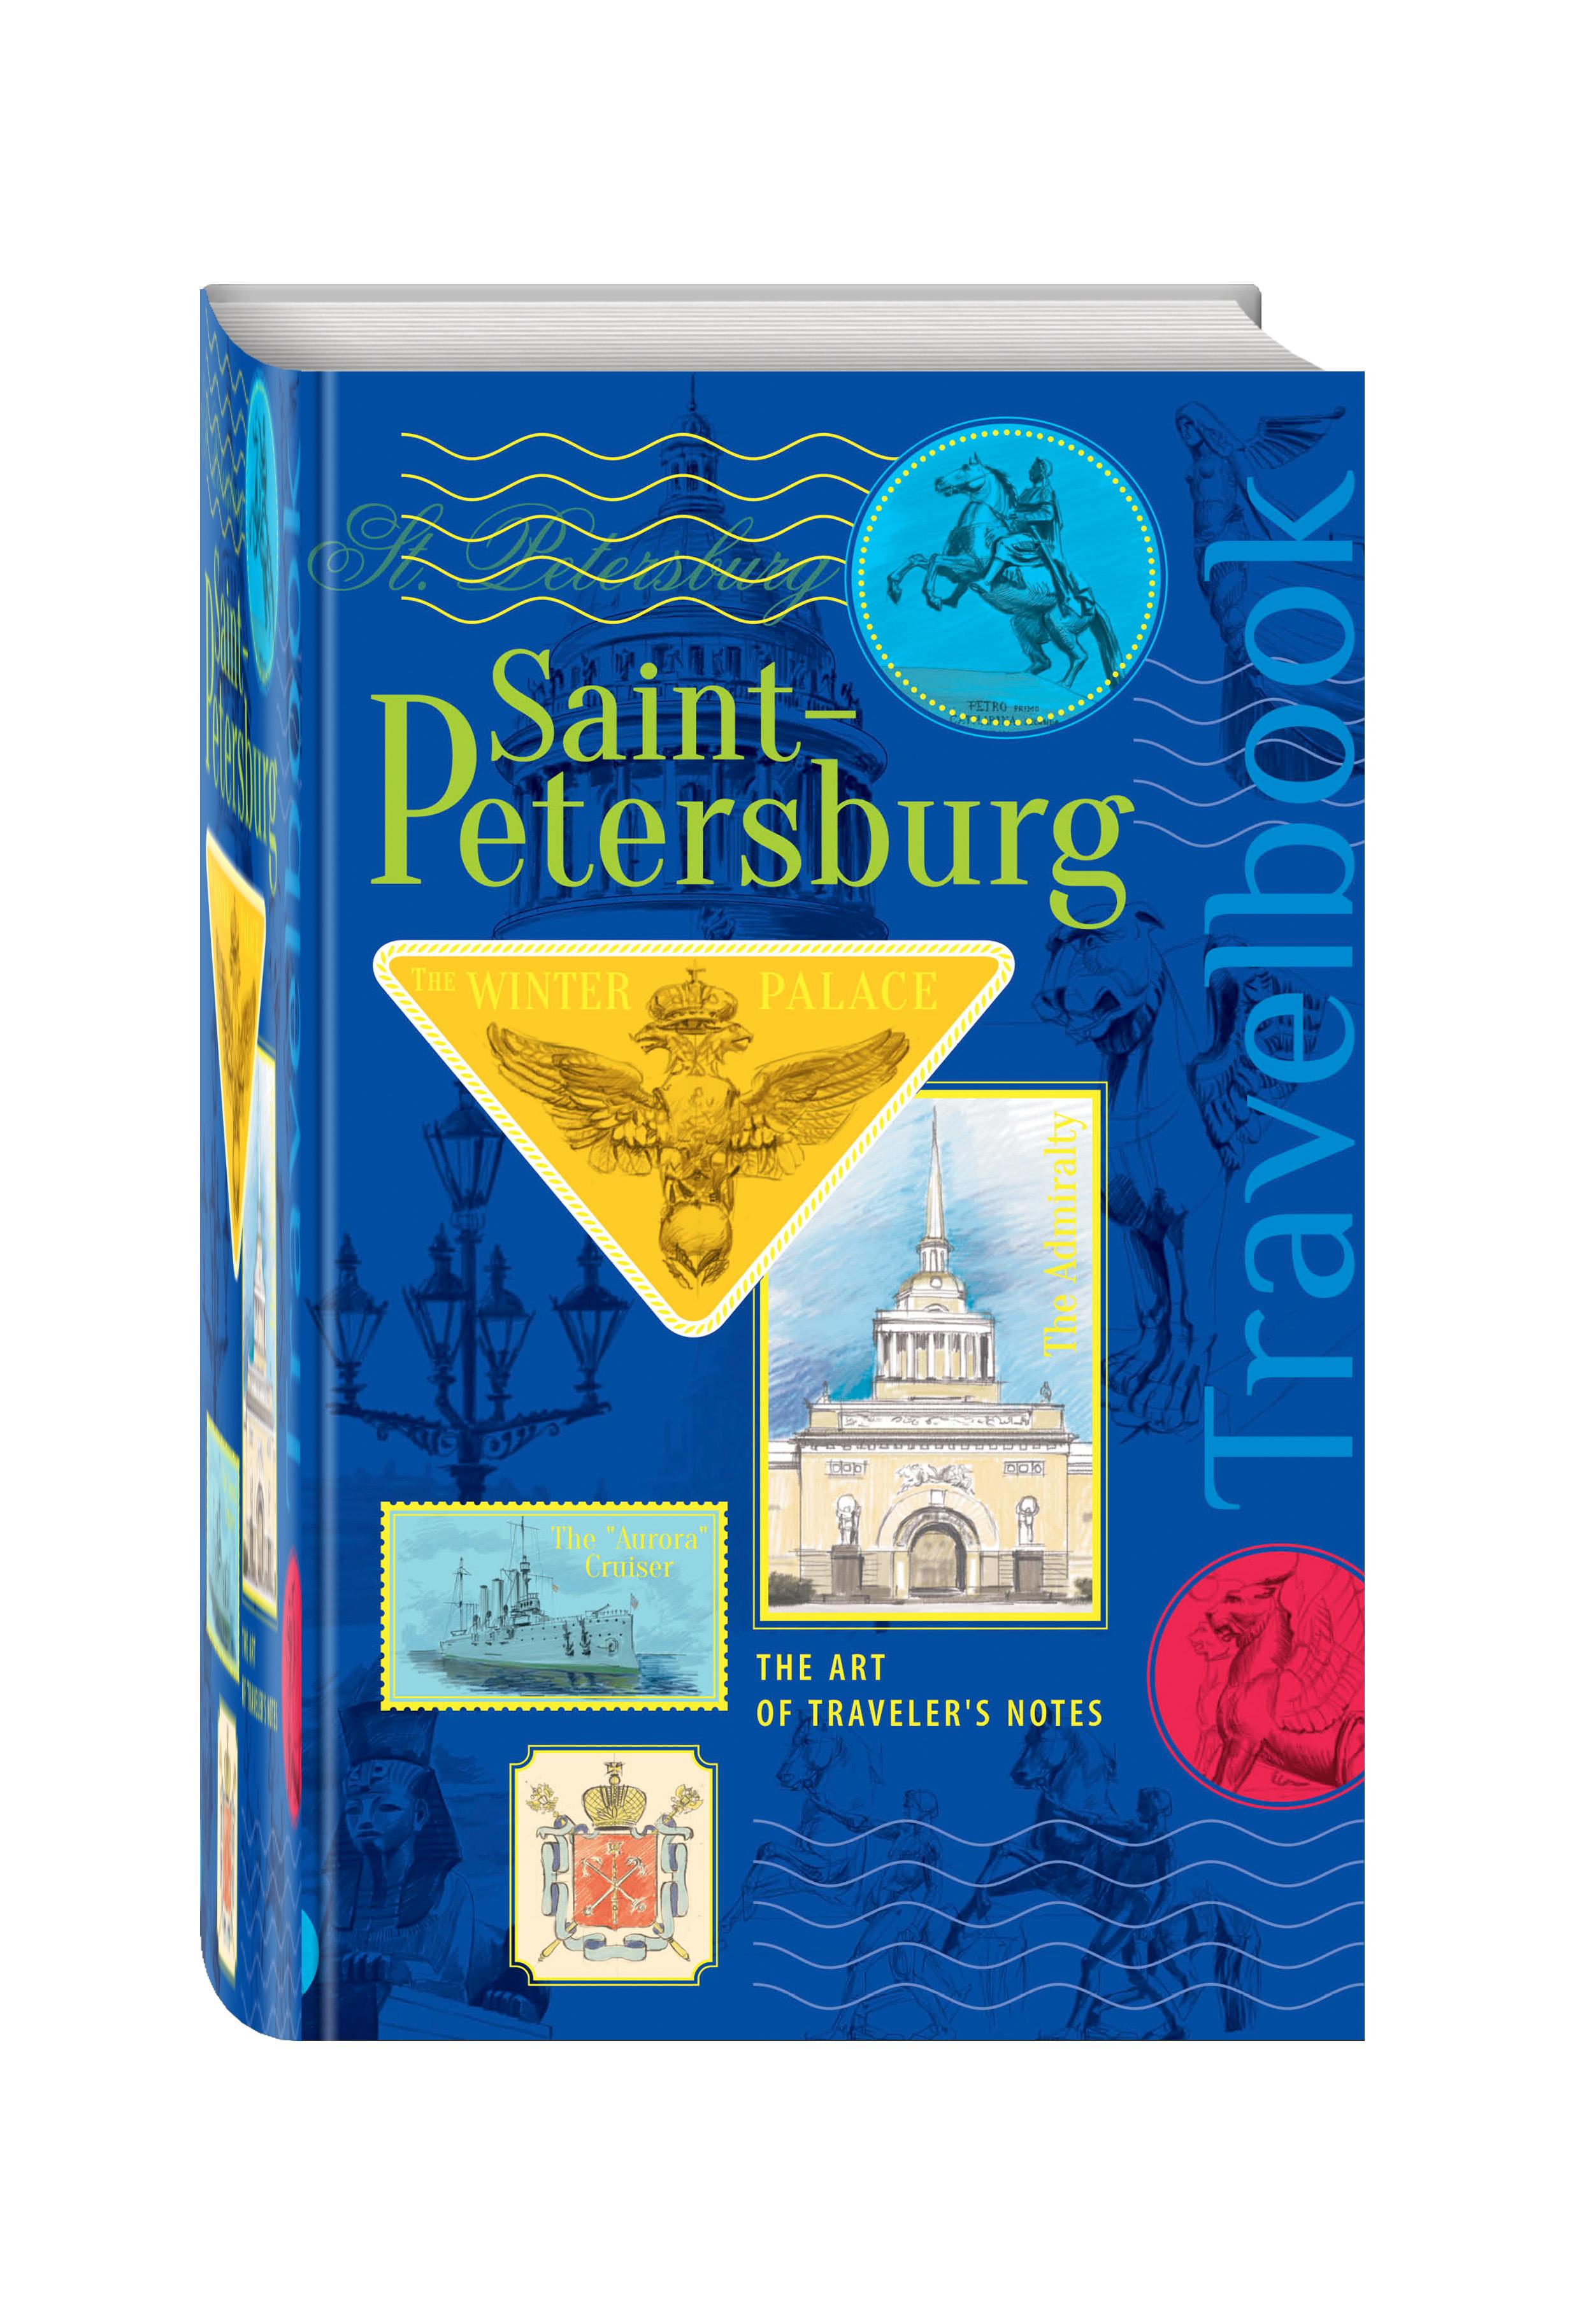 St. Petersburg. The Art of traveler's Notes Санкт-Петербург. Книга эскизов. Искусство визуальных заметок (на английском языке) (синяя обложка) bridges of st petersburg